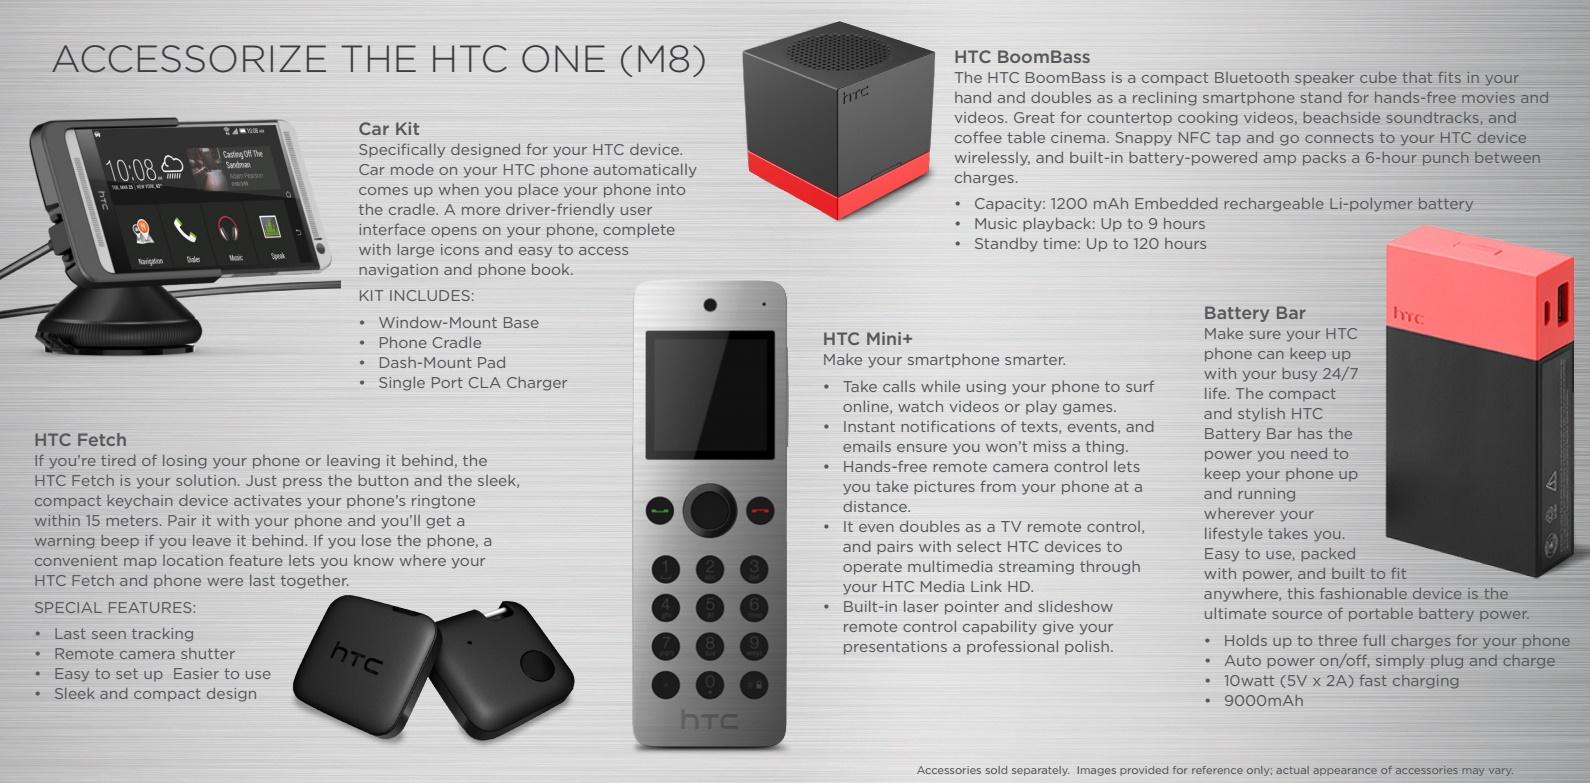 AUTRES ACCESSOIRES HTC ONE M8